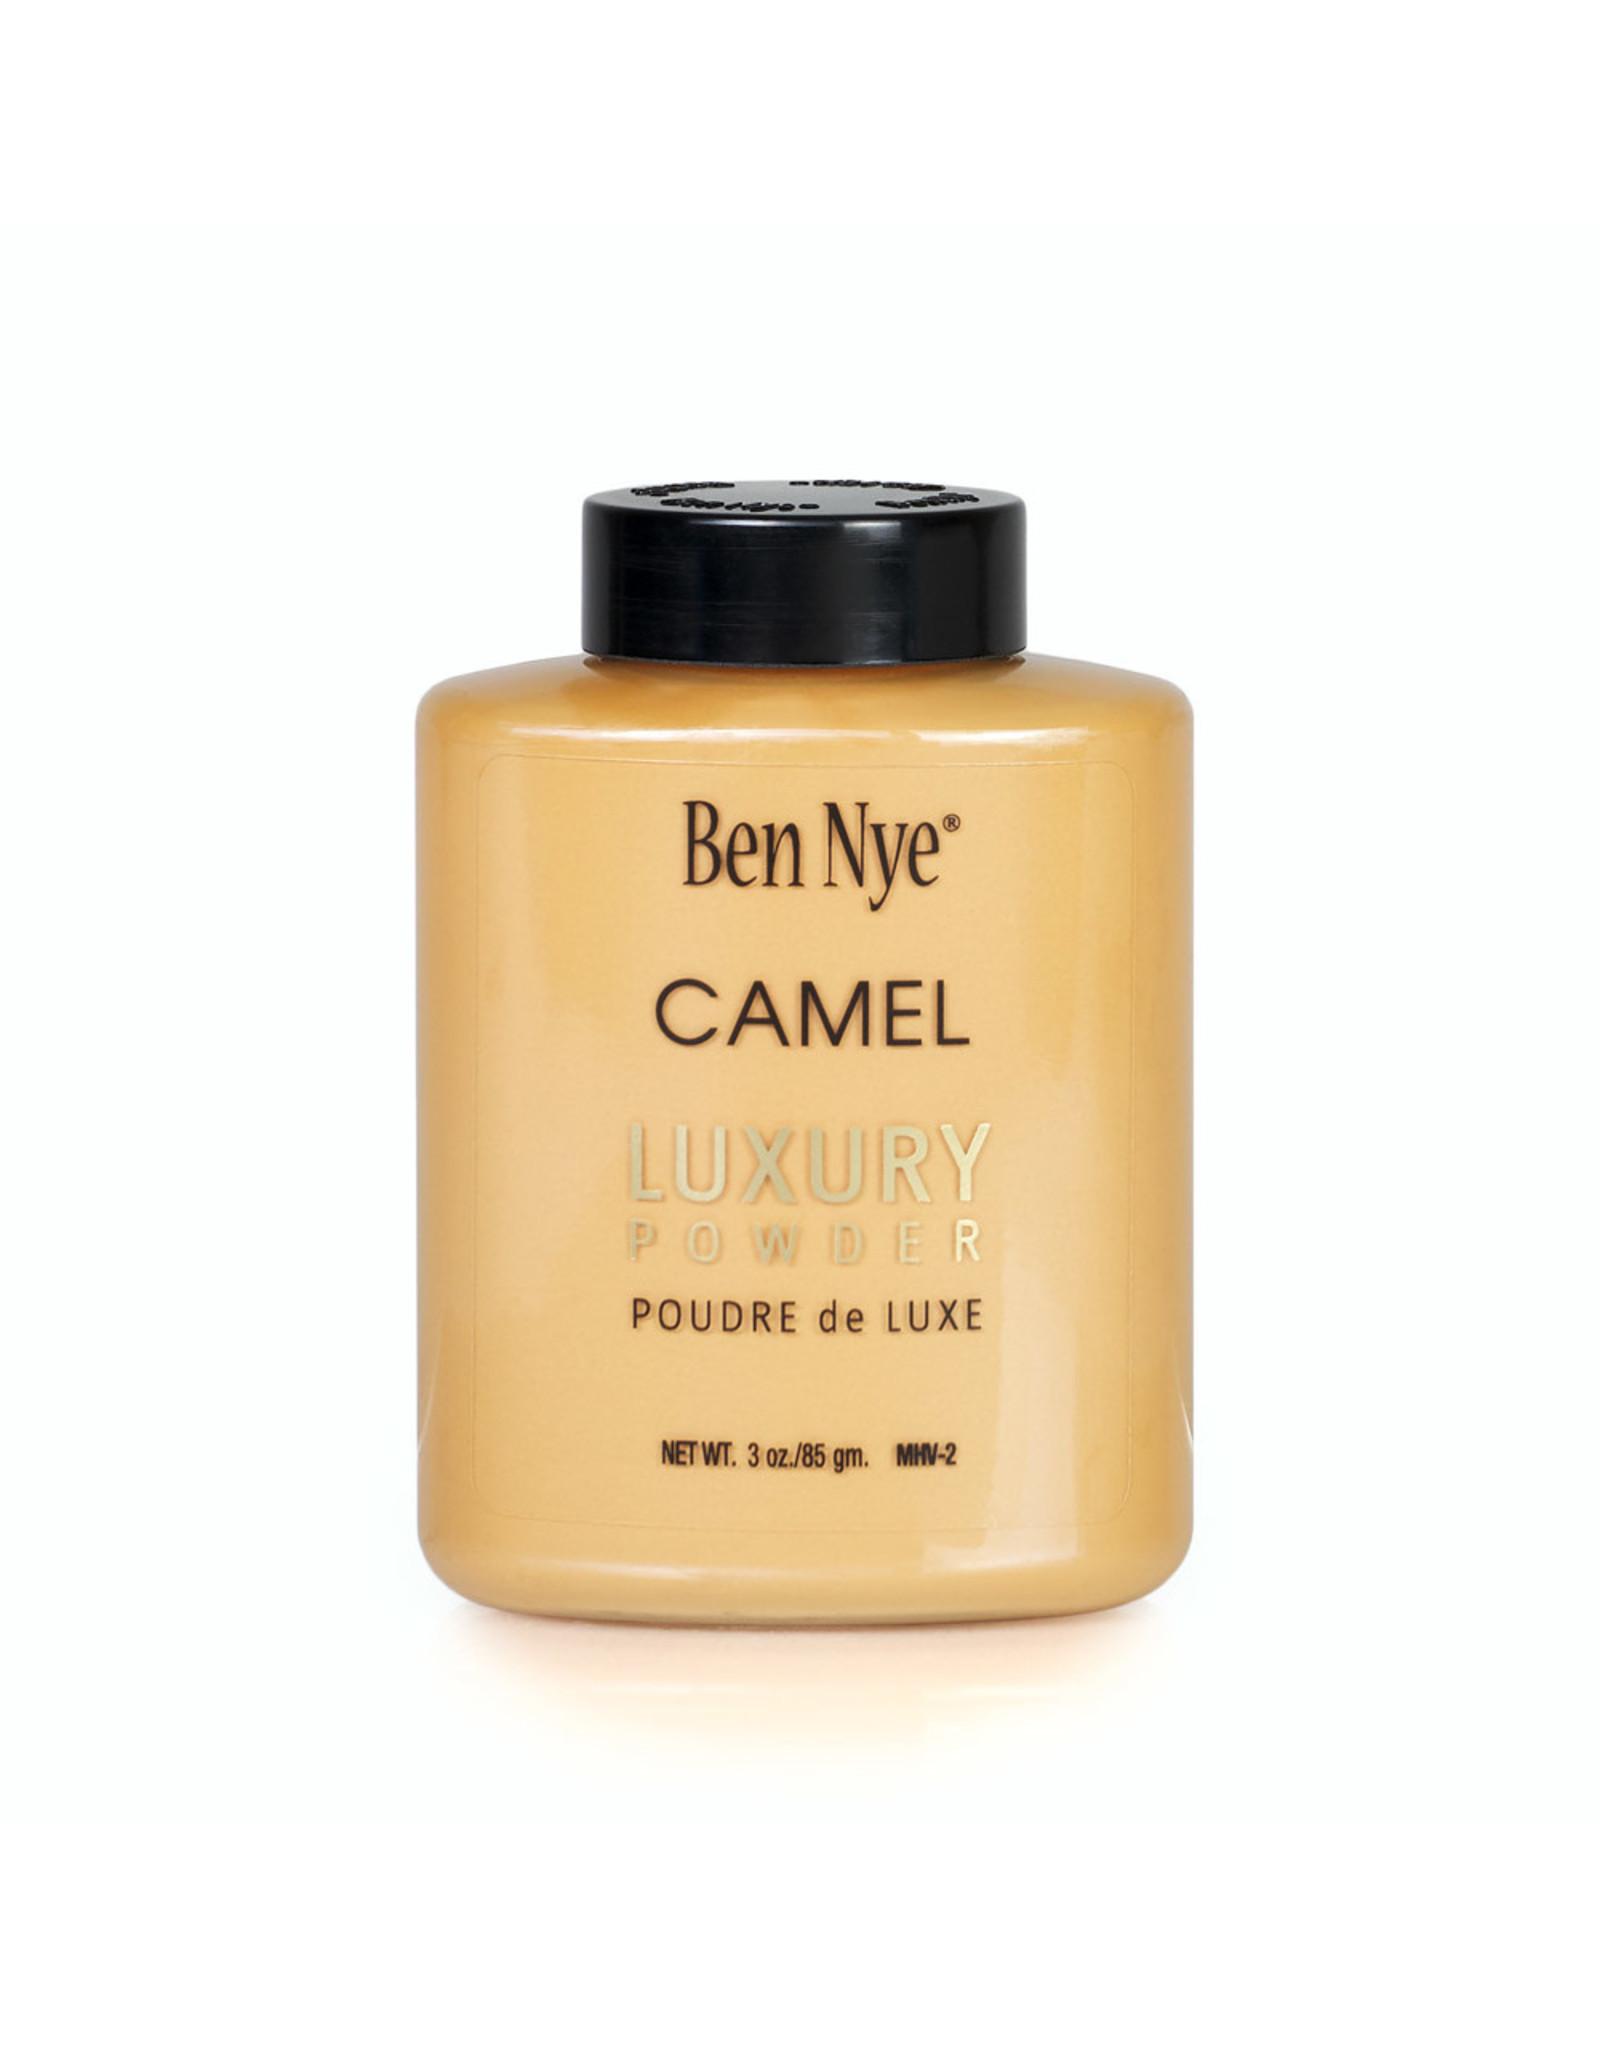 Ben Nye Ben Nye Camel Luxury Powder